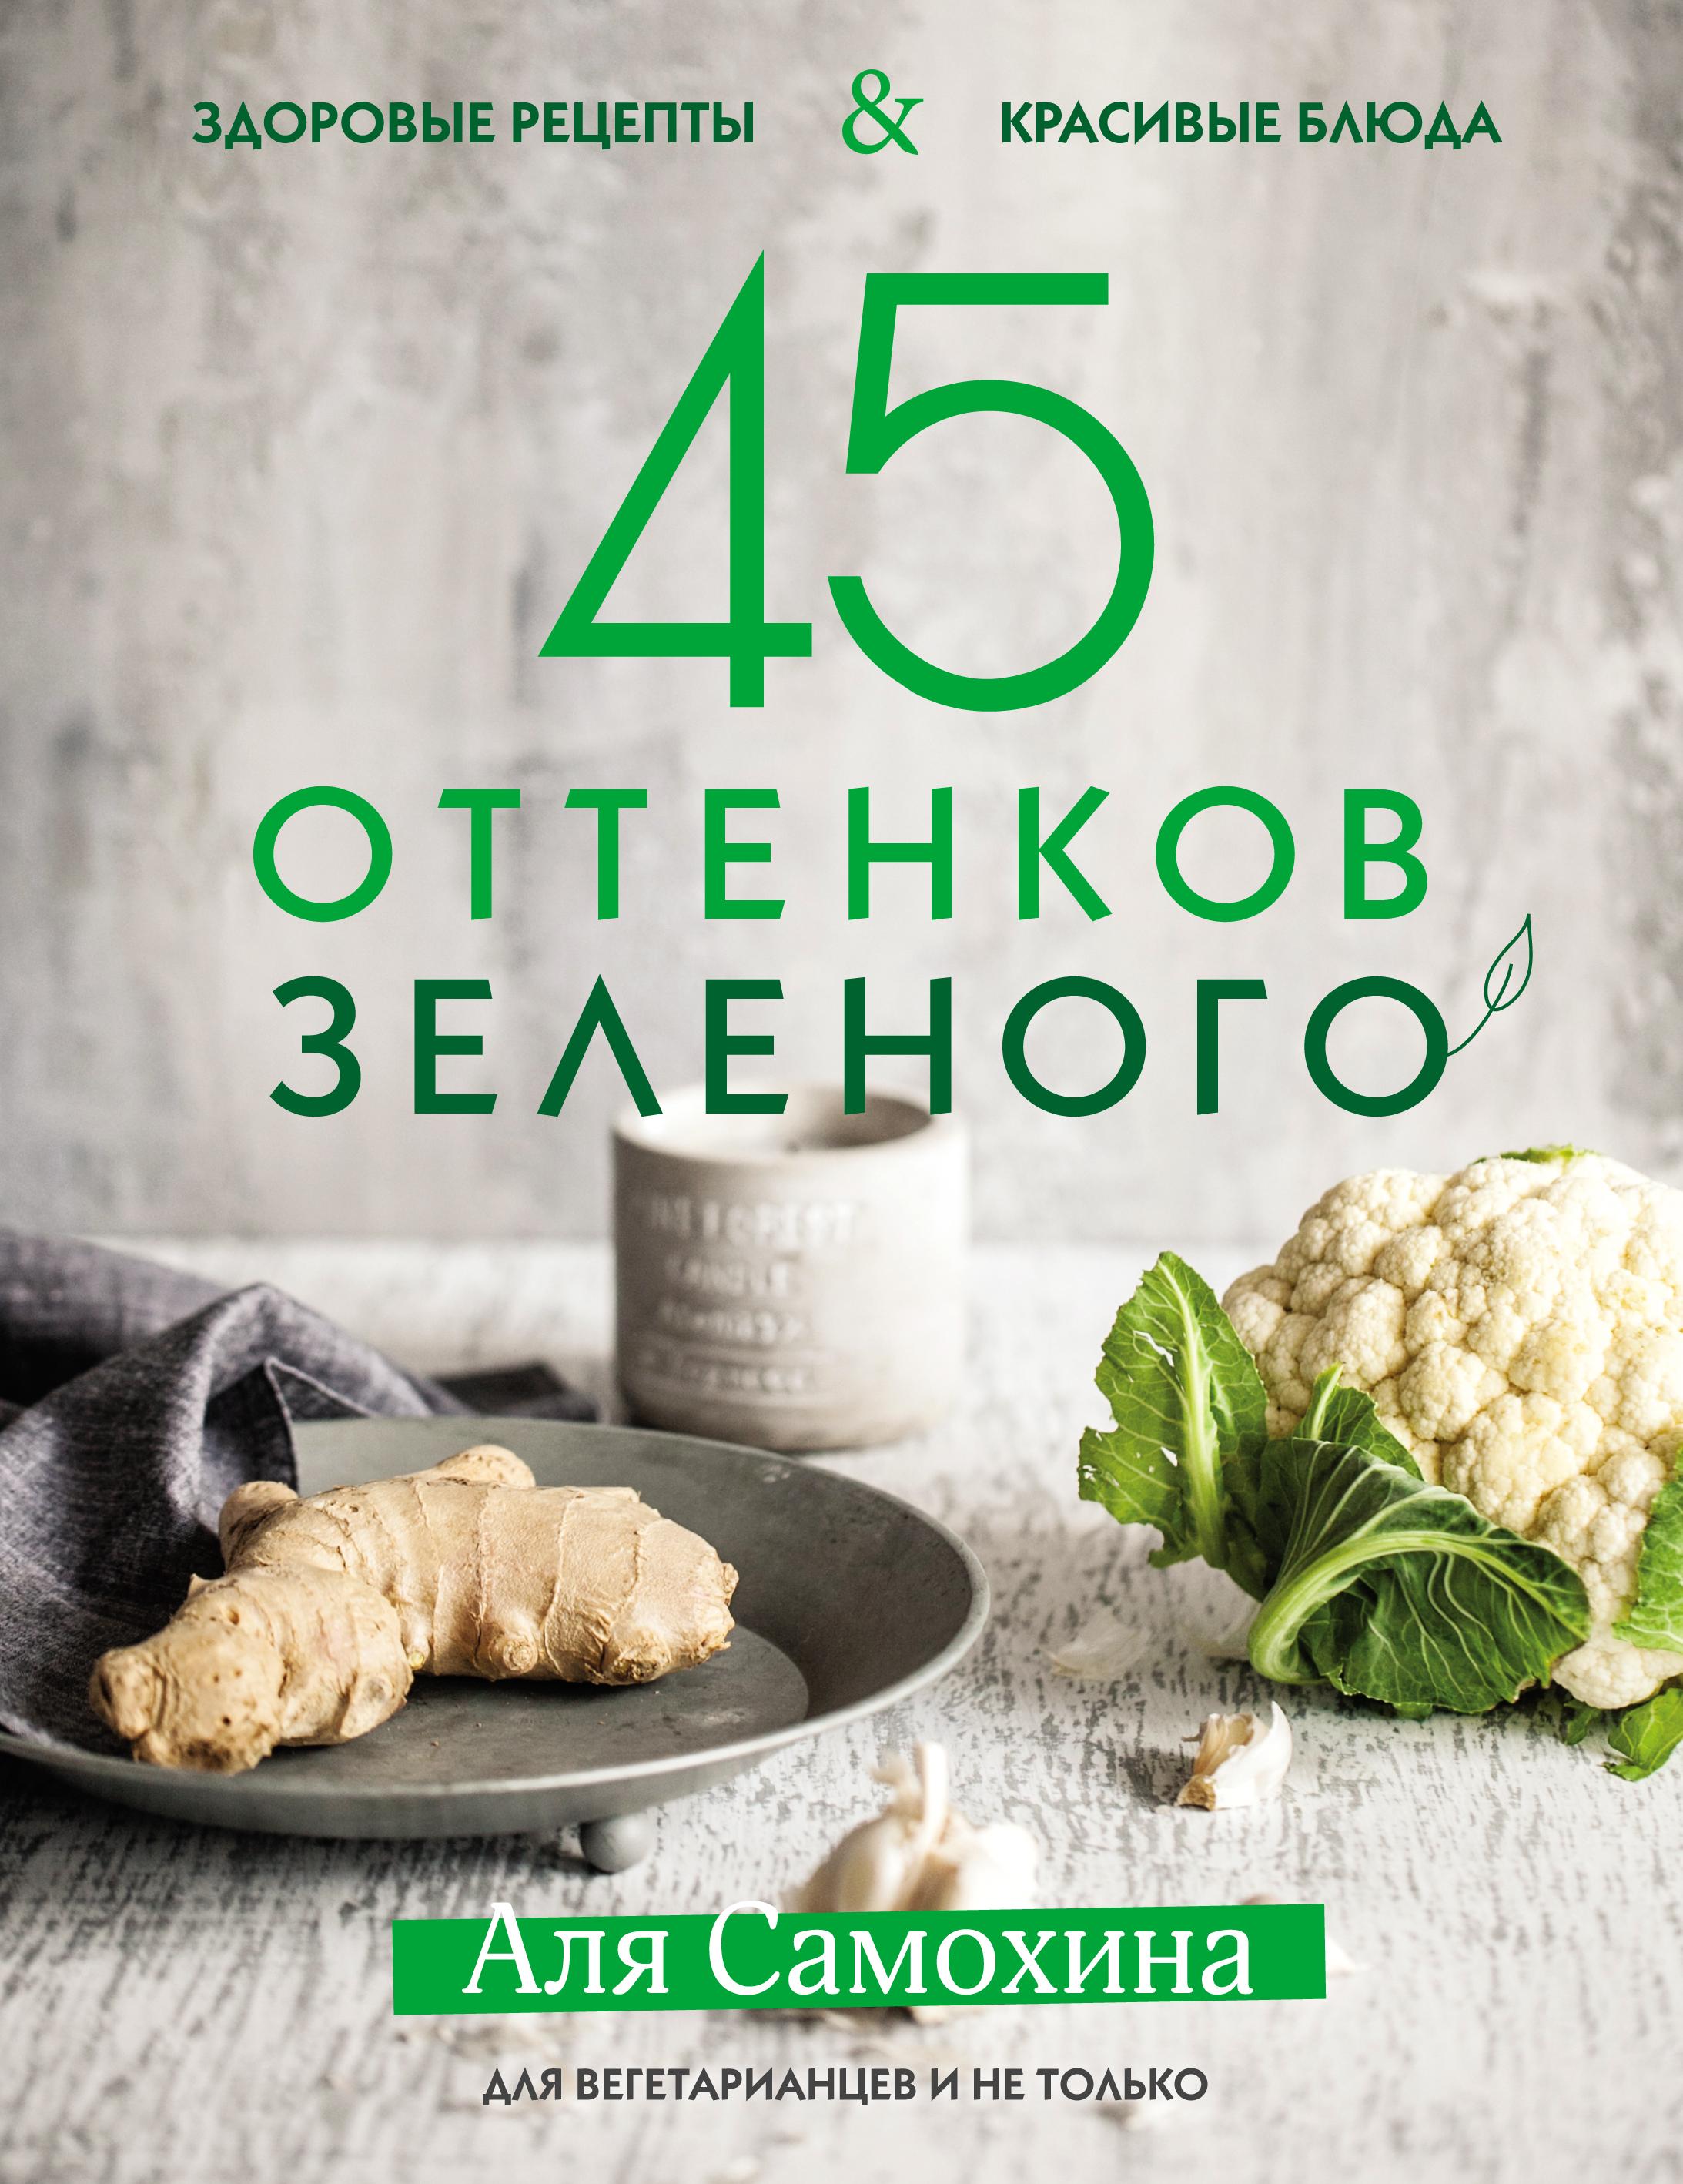 Аля Самохина. 45 оттенков зеленого. Здоровые рецепты и красивые блюда. Для вегетарианцев и не только